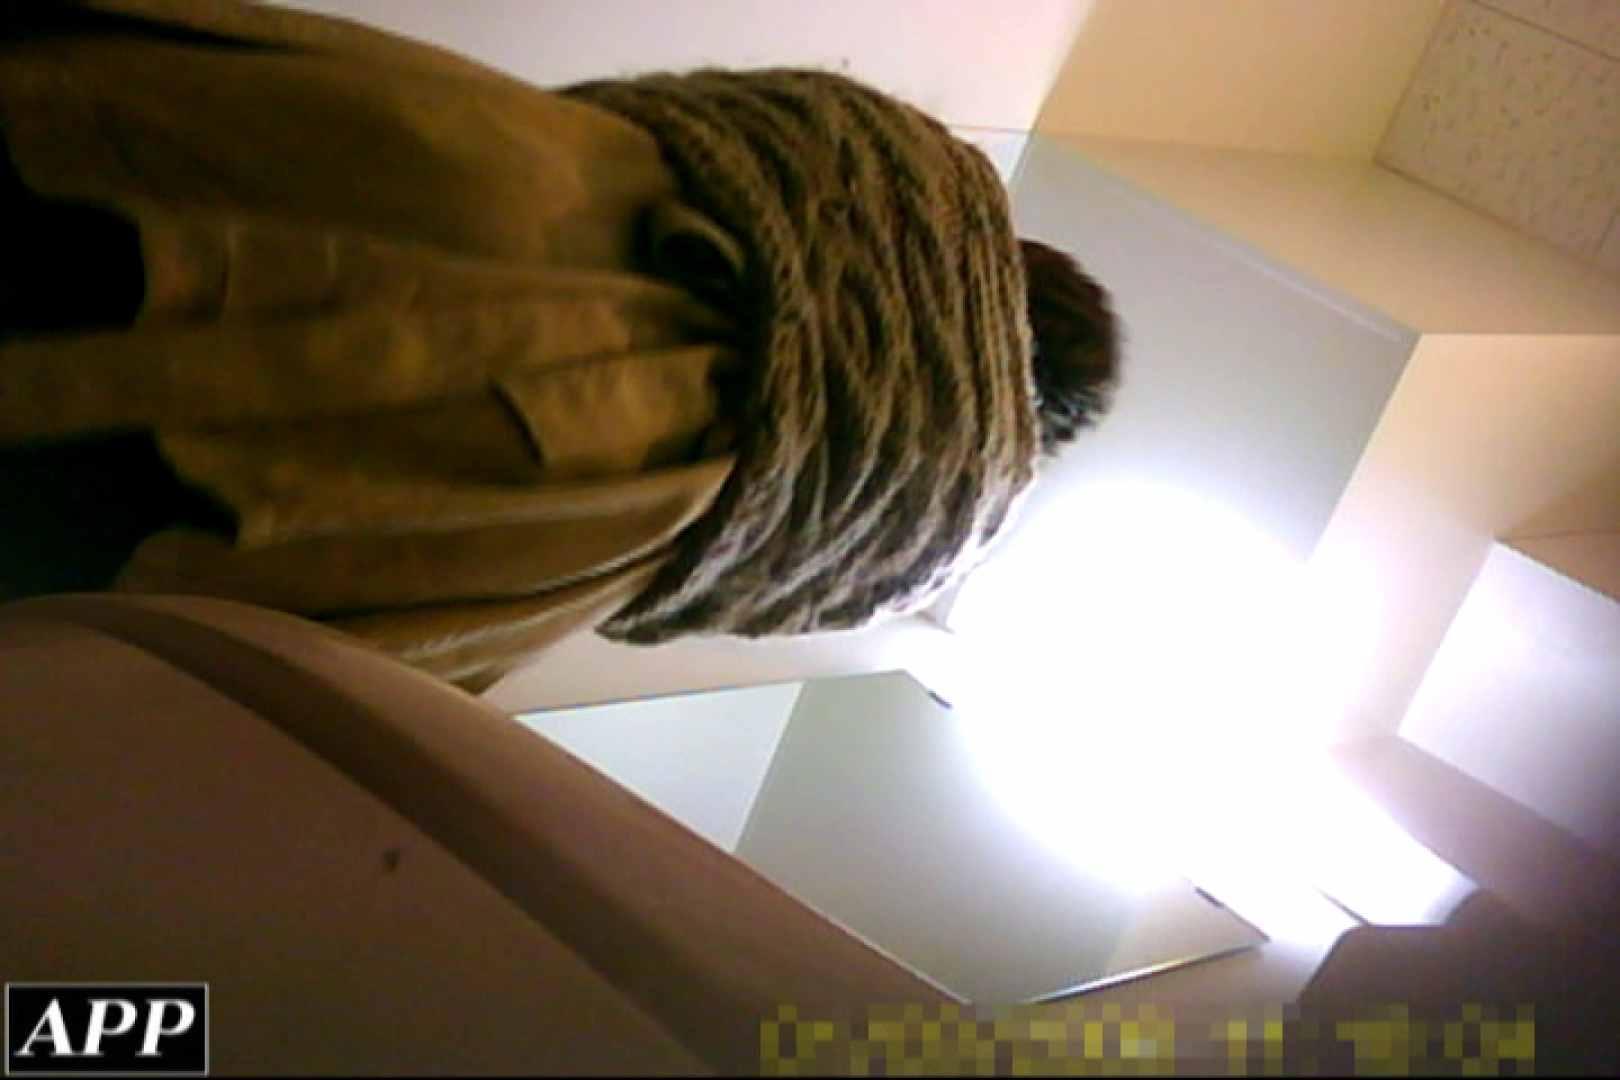 3視点洗面所 vol.05 お姉さん達のオマンコ おまんこ無修正動画無料 90連発 40